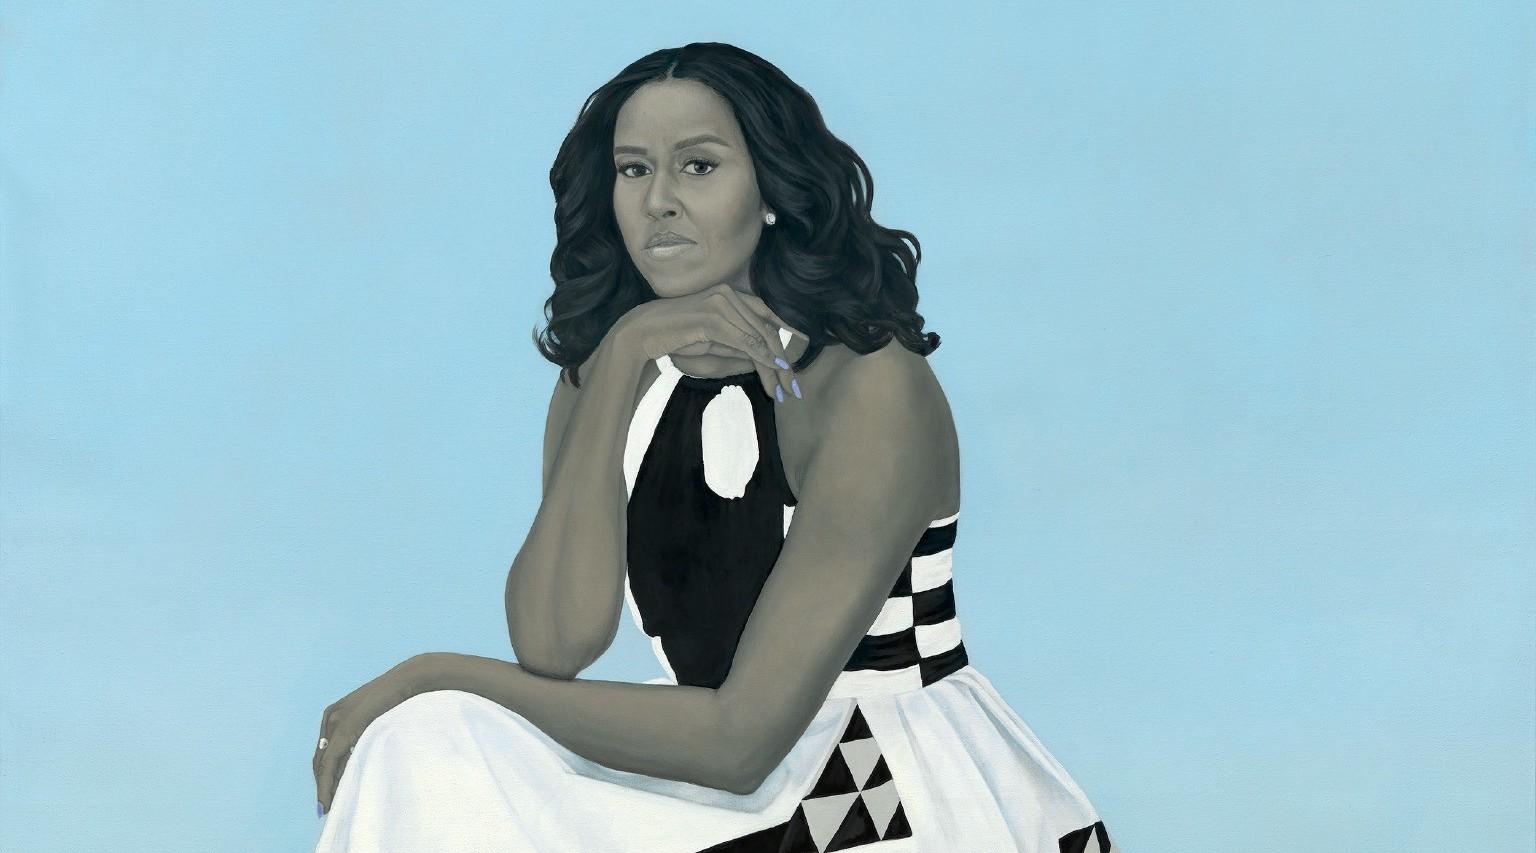 Black women in Western art